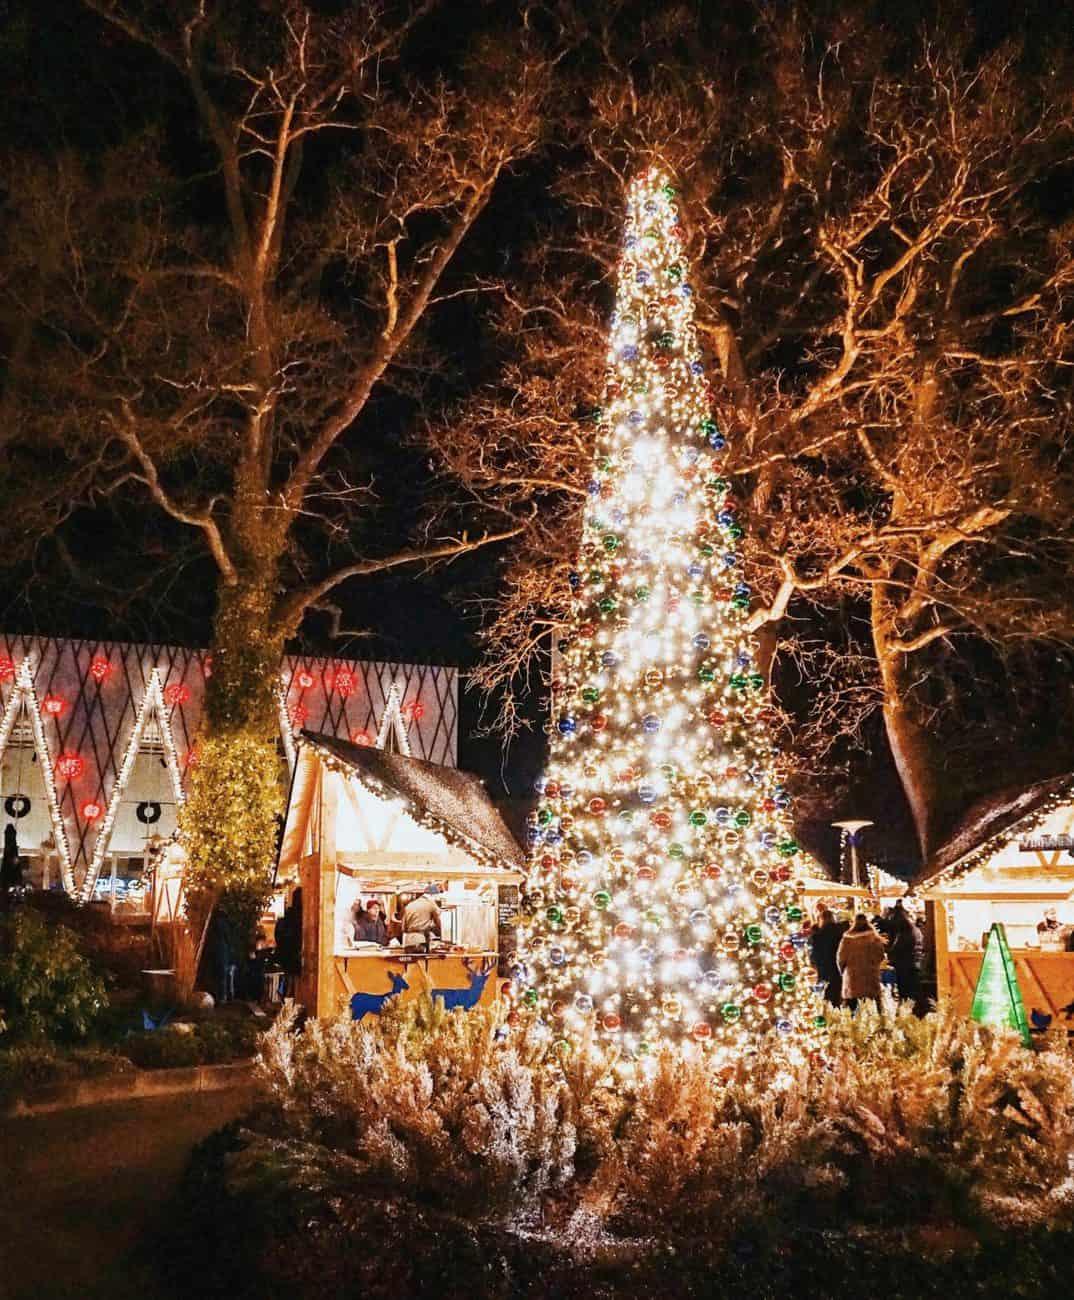 Christmas Markets in Aarhus - Tivoli